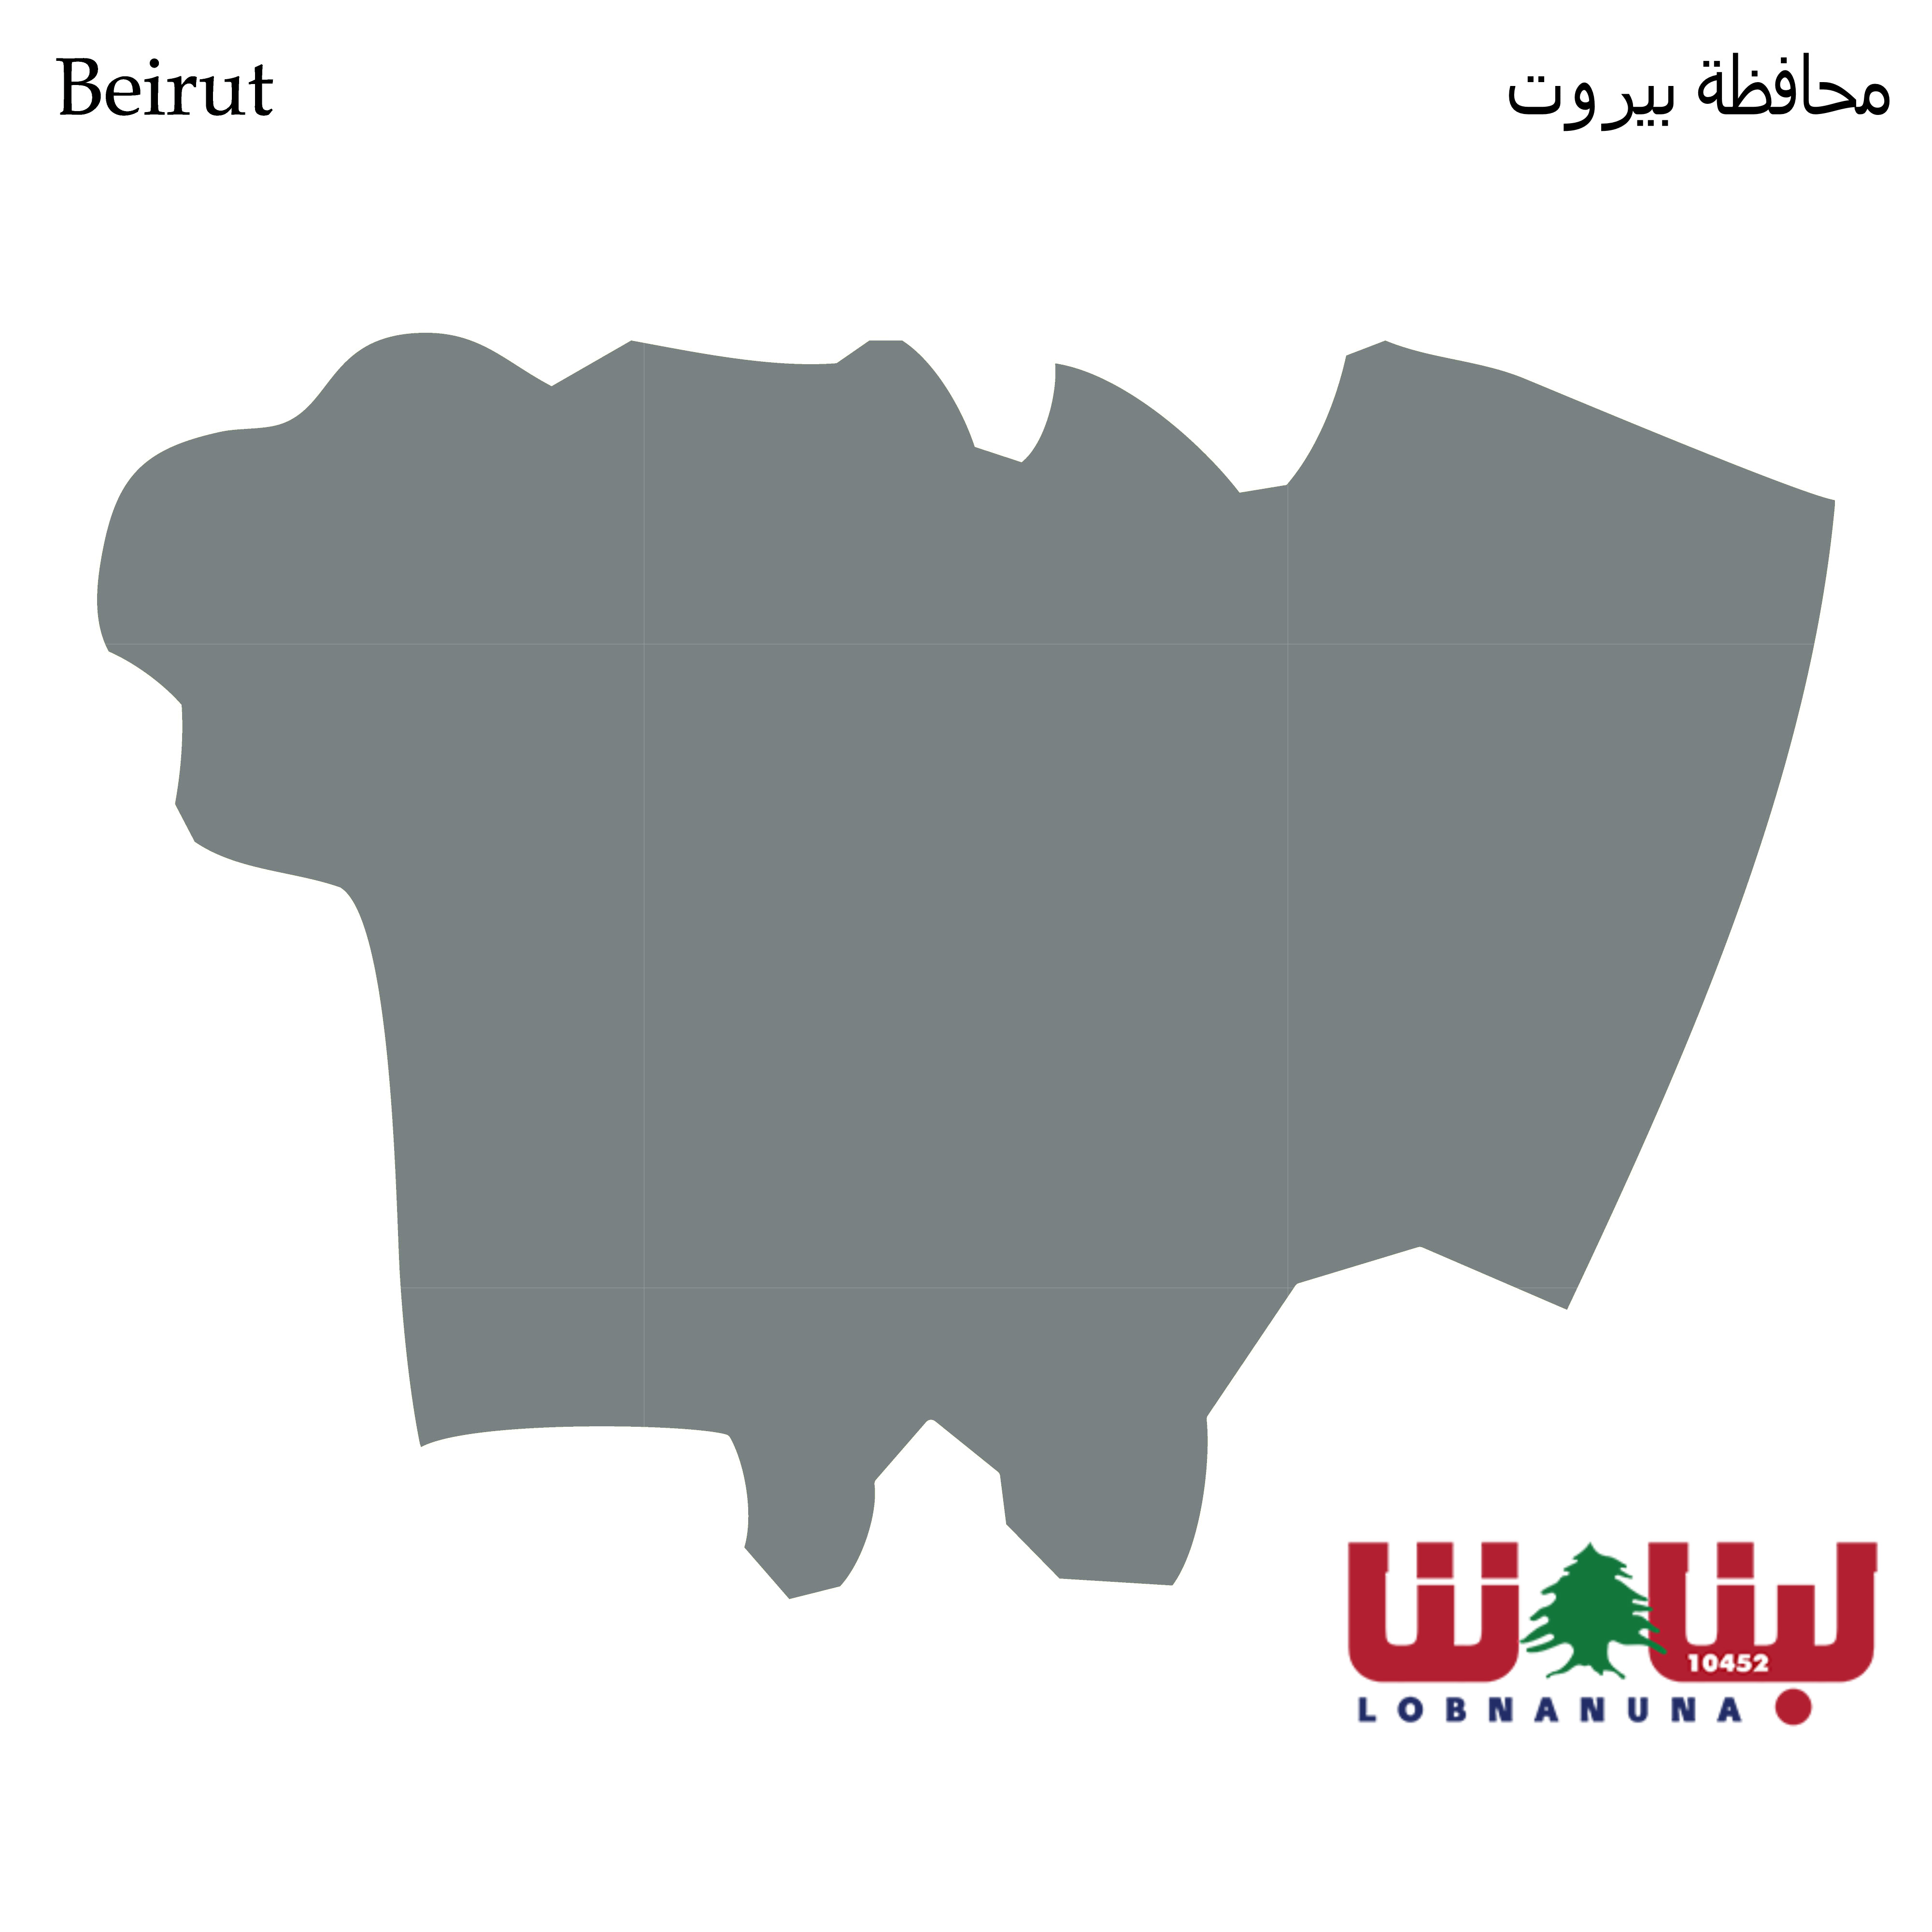 صورة  منمحافظة بيروت الكبرى